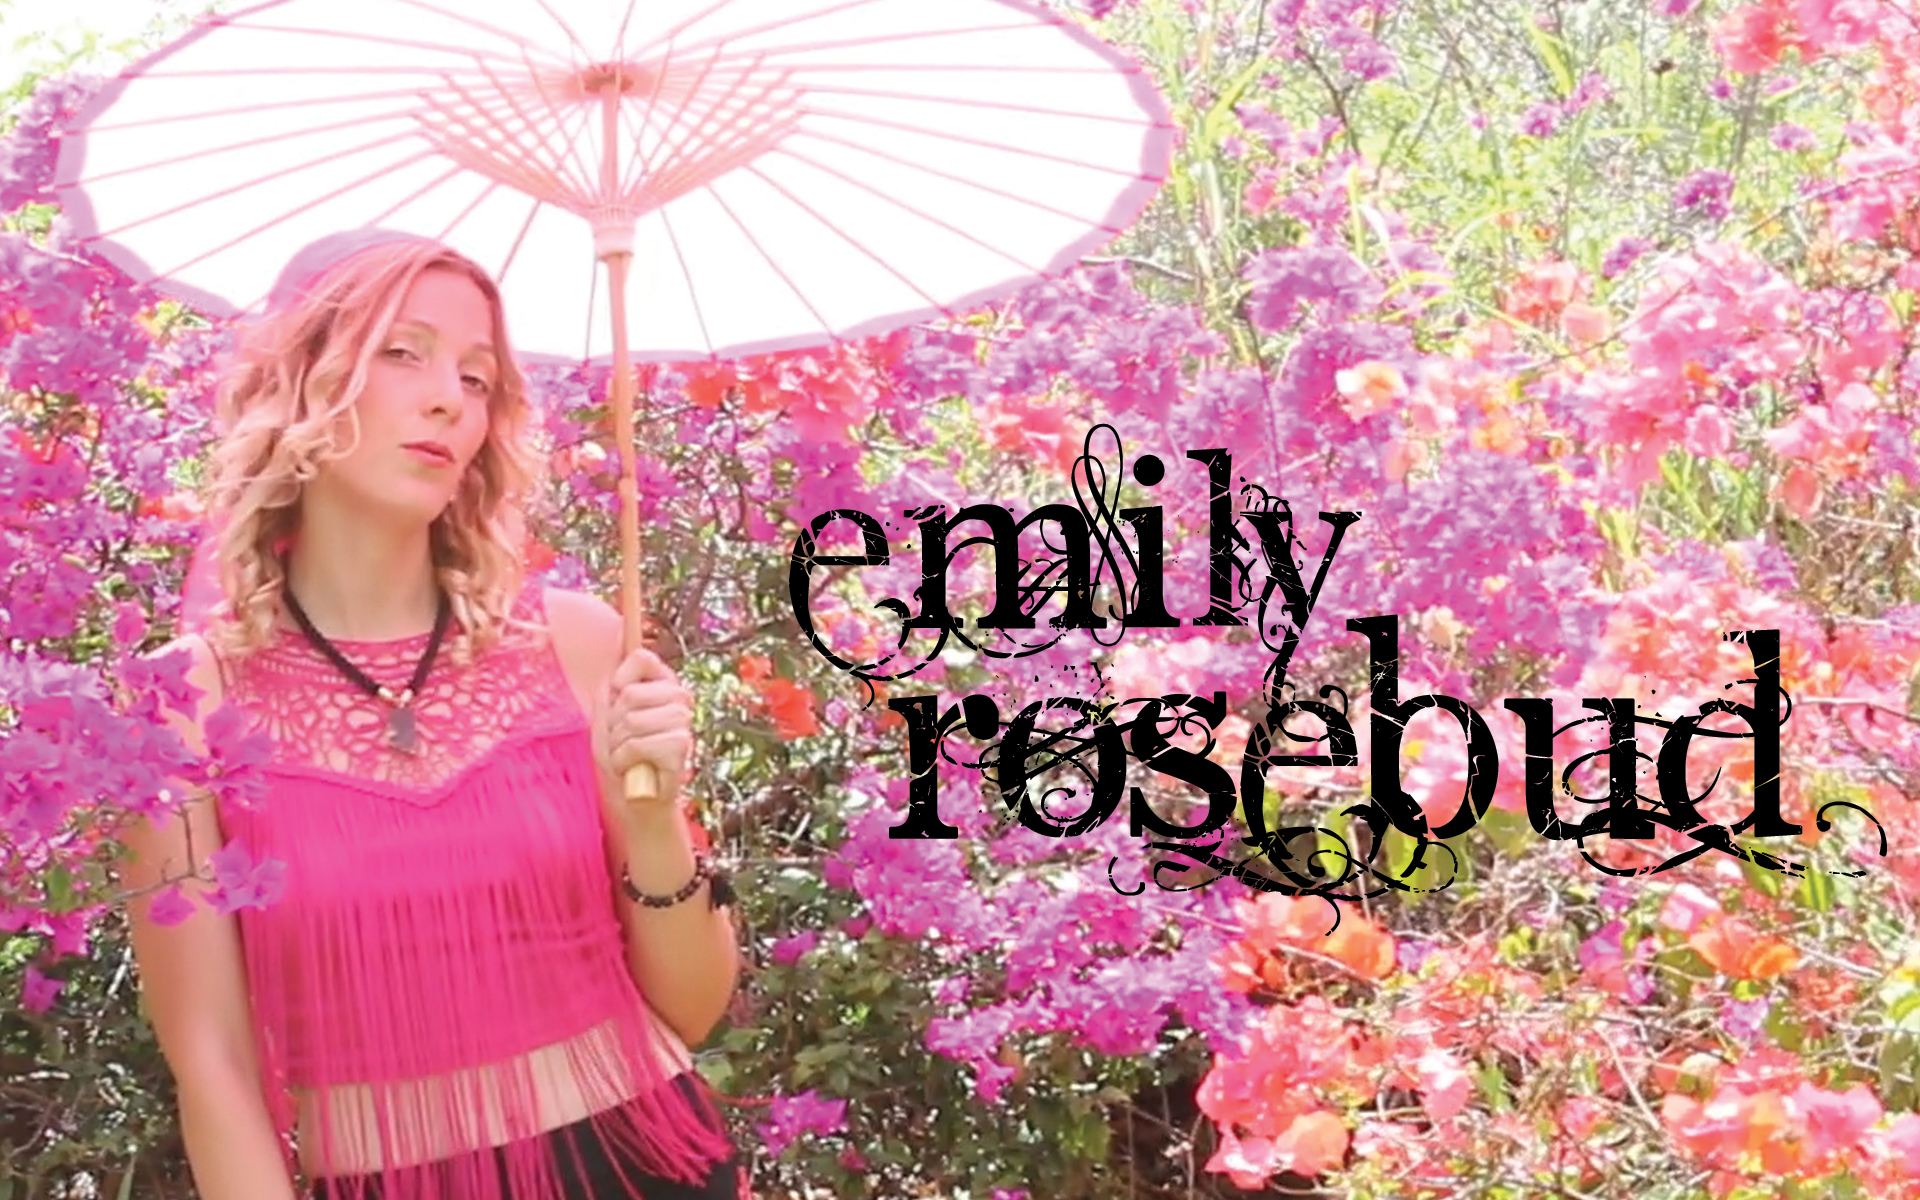 emily-rosebud-music-video-twitter-background-3